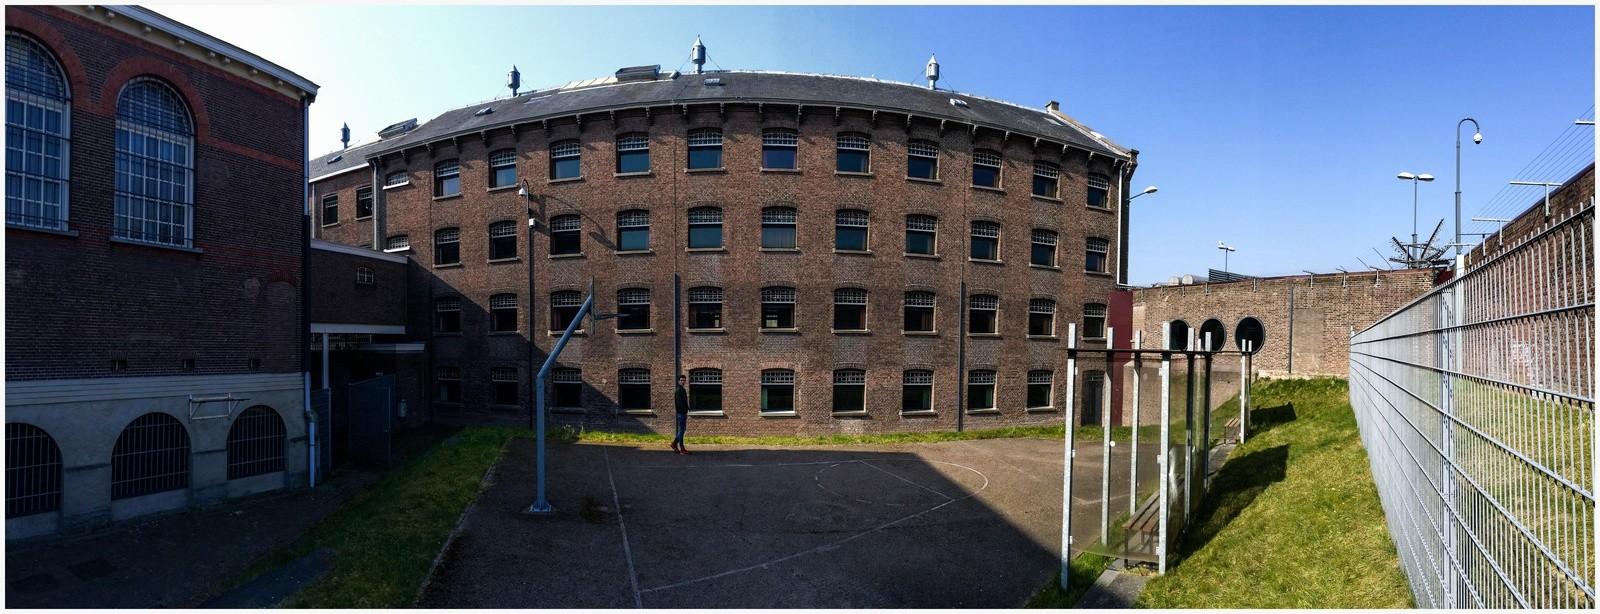 Het voormalige huis van bewaring Wolvenplein. Foto: Michael Kooren